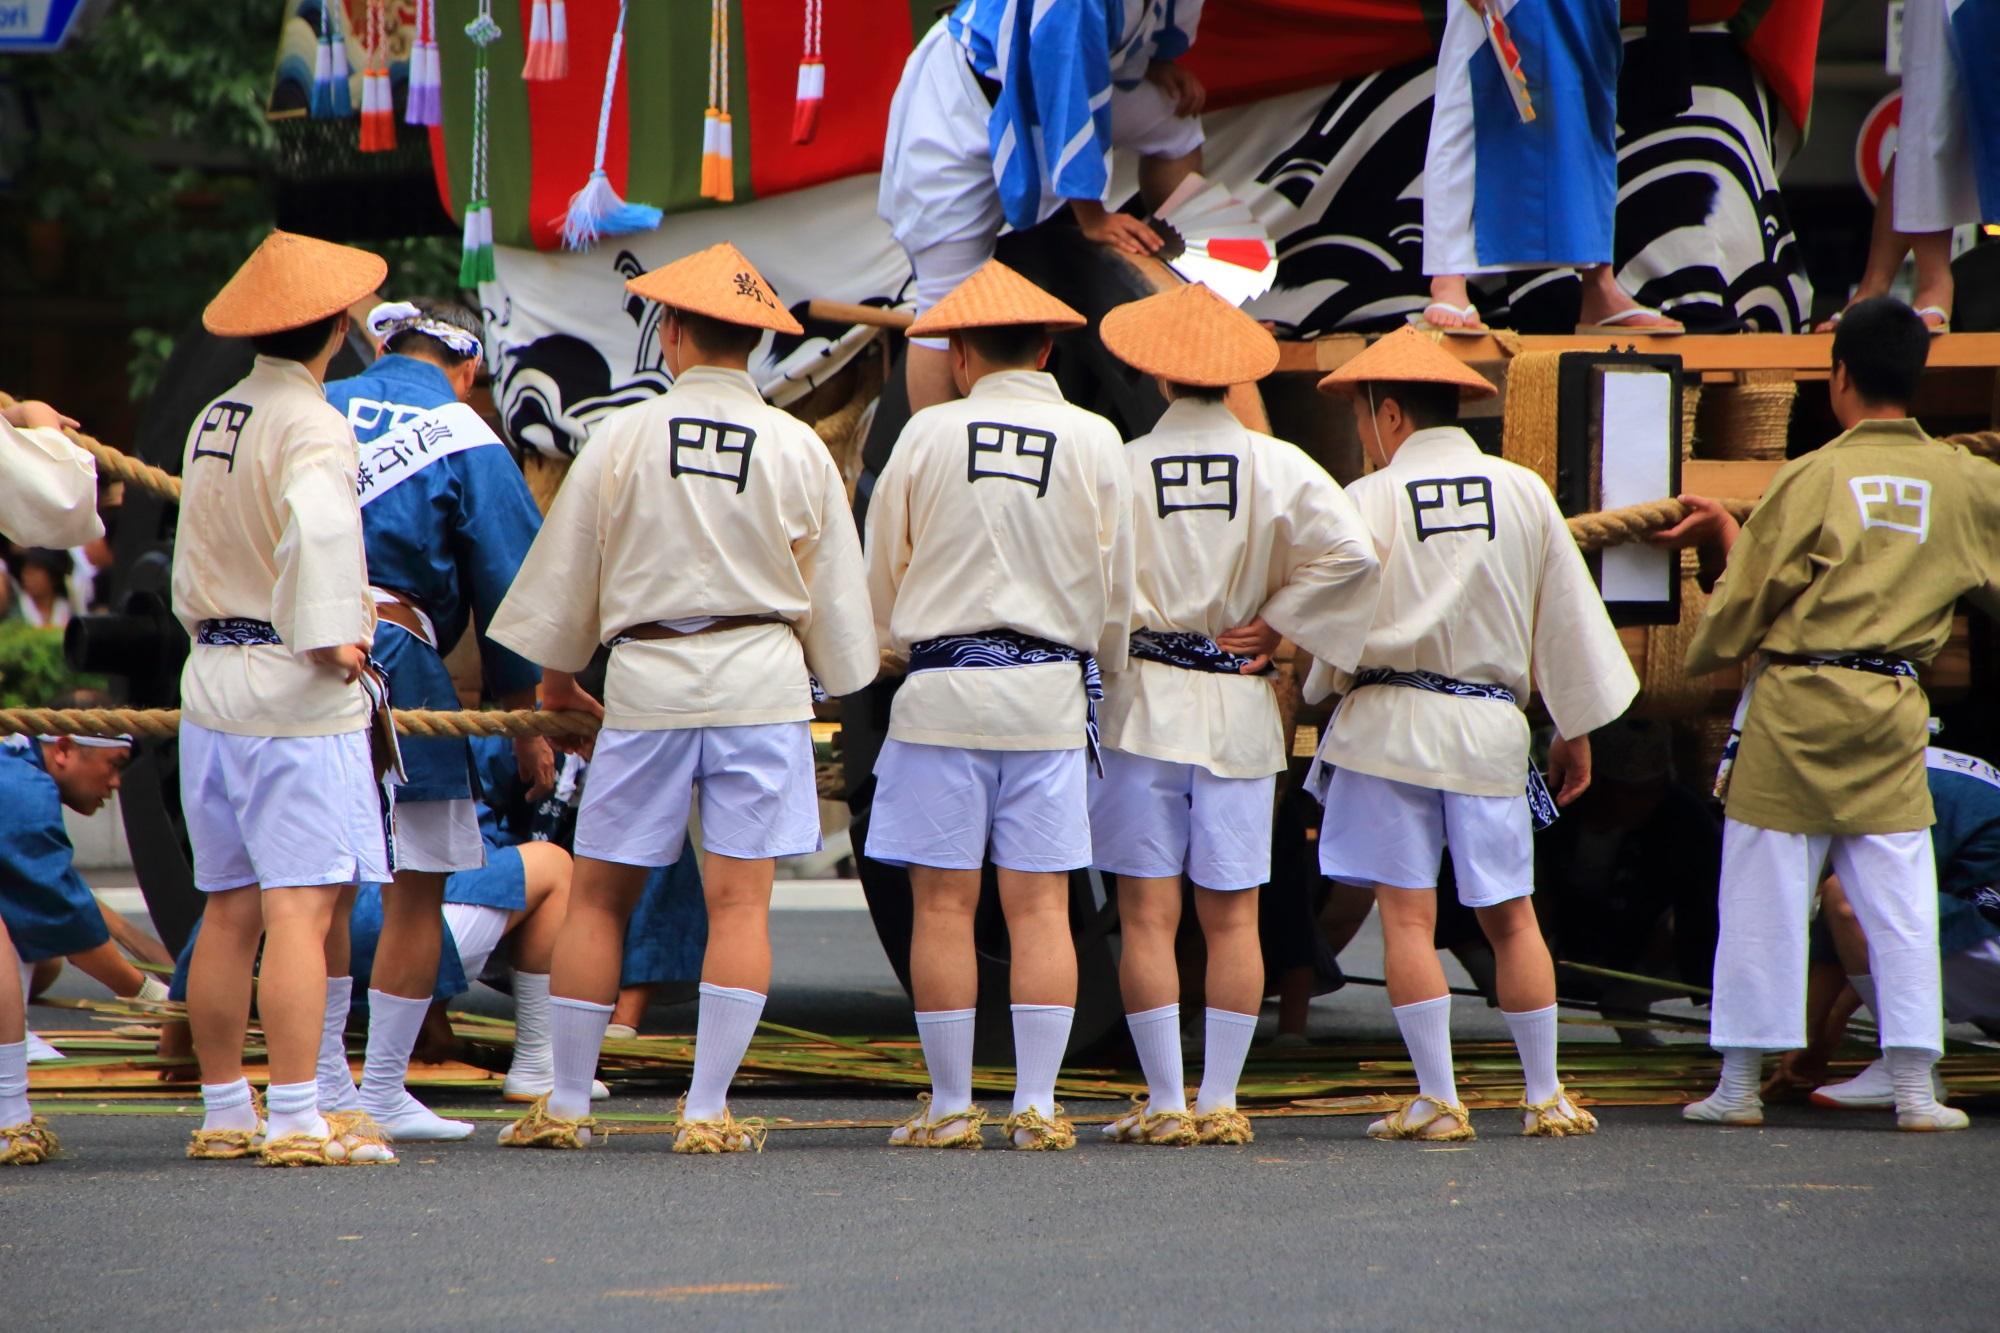 祇園祭後祭の山鉾巡行の大船鉾(おおふねほこ)の辻回し 7月24日